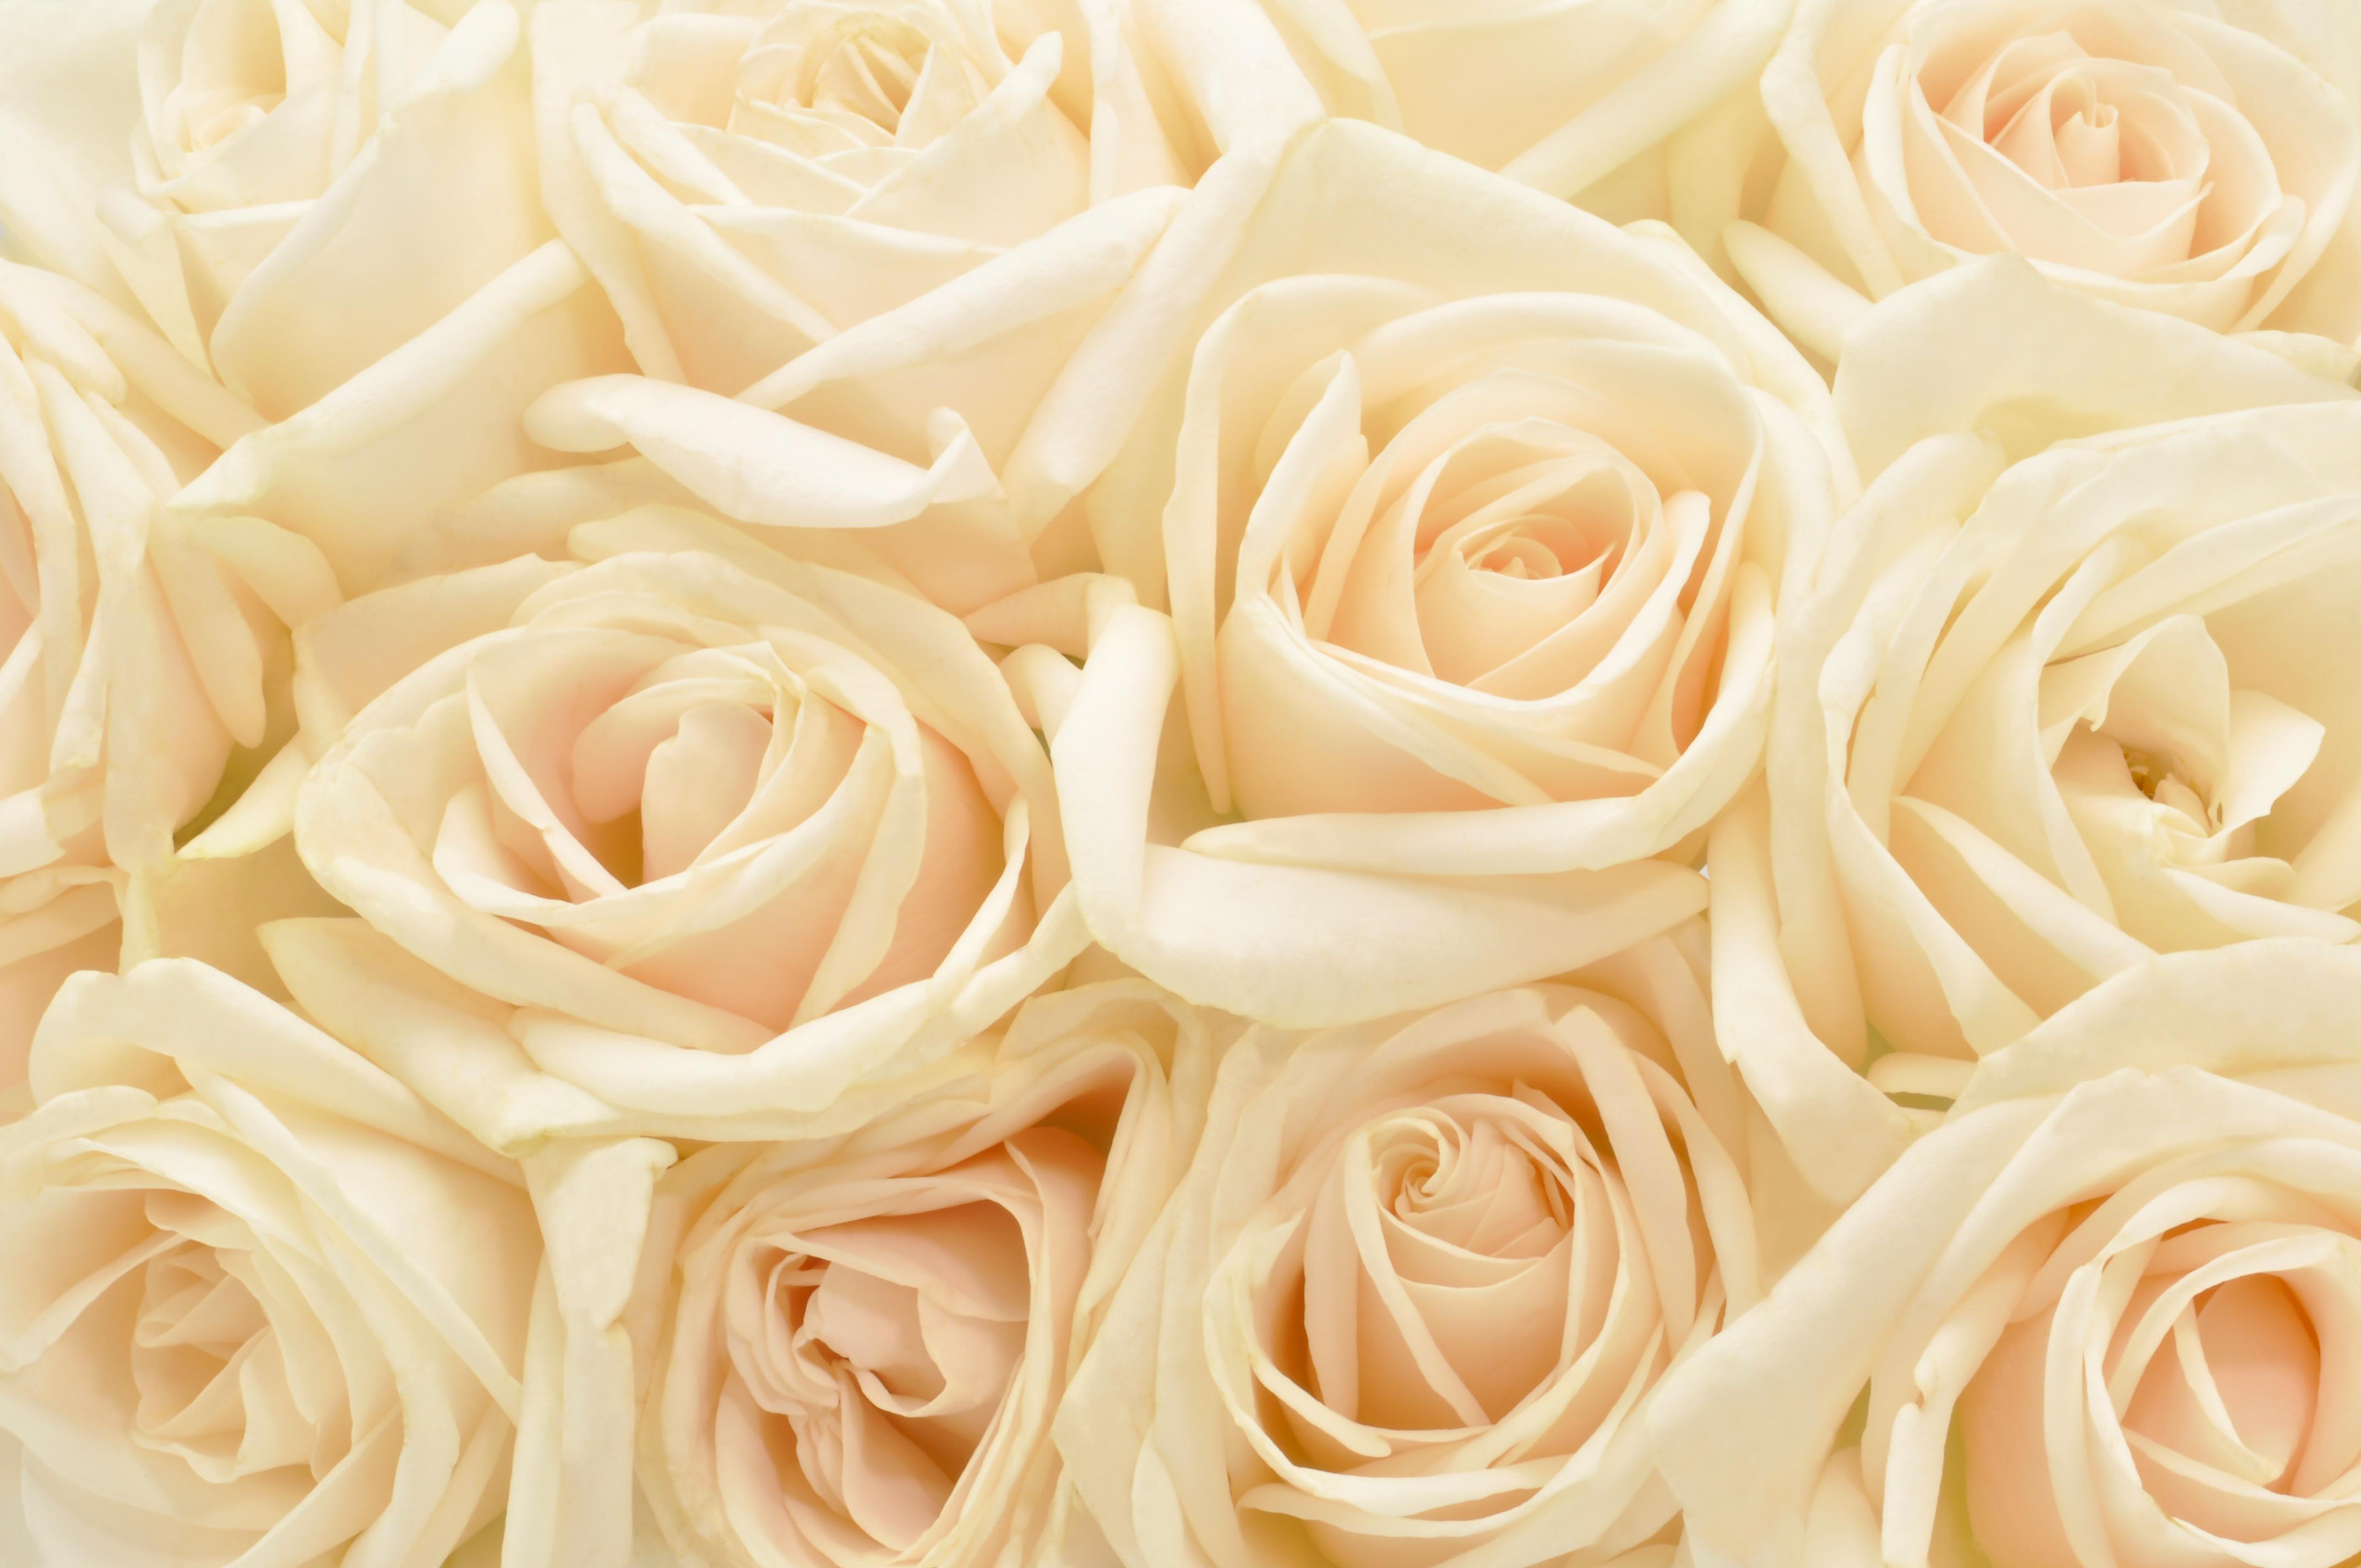 нежно-кремовые свадебные розы  № 1323059 бесплатно